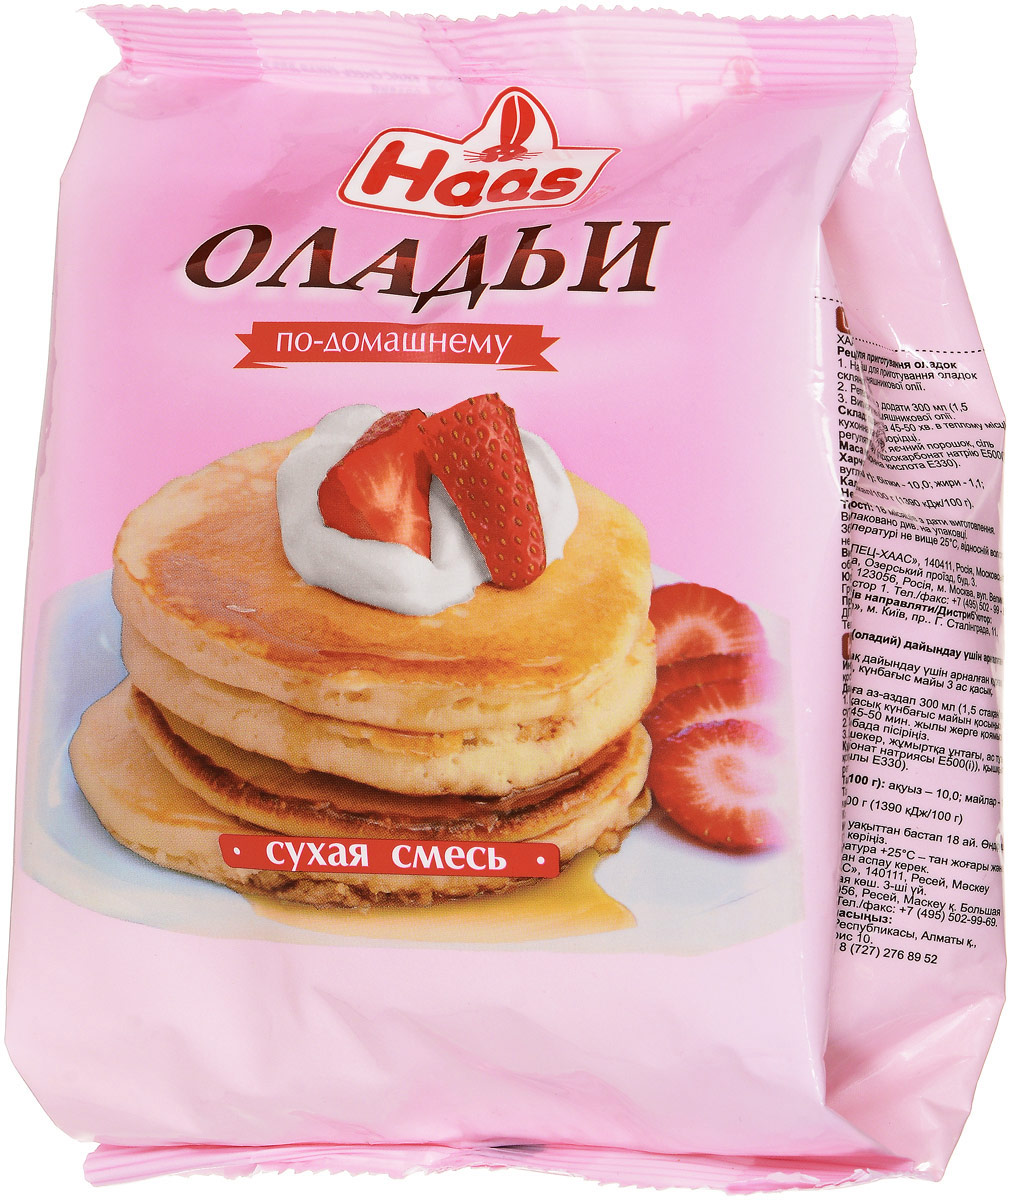 Haas смесь для оладий, 250 г228061Известно, что название оладьи в качестве определения кулинарного блюда употребляется с середины XVI столетия.Оладьи - это вкусное блюдо, которое можно приготовить быстро и без особых усилий. В зависимости от случая можно приготовить оладьи - закуску с чесноком или чесночным маслом, оладьи - второе блюдо (запекаемые с мясом под томатным соусом), и, безусловно, оладьи - десерт (с добавлением варенья, фруктов, сметаны, меда или даже сахара). Такое разнообразие возможно потому, что оладьи - это просто лепешки из хлебного, кислого или дрожжевого теста. С помощью смеси для приготовления оладий Haas вы сможете приготовить любимое блюдо еще быстрее.Уважаемые клиенты! Обращаем ваше внимание, что полный перечень состава продукта представлен на дополнительном изображении.